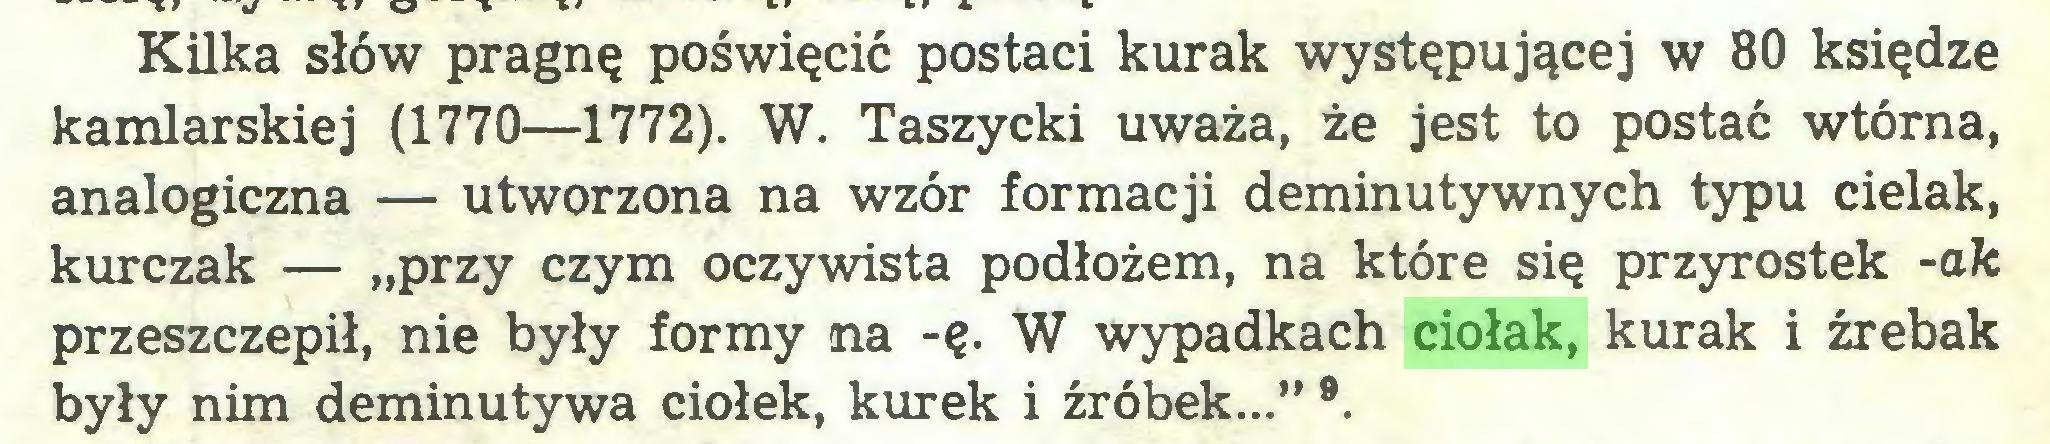 """(...) Kilka słów pragnę poświęcić postaci kurak występującej w 80 księdze kamlarskiej (1770—1772). W. Taszycki uważa, że jest to postać wtórna, analogiczna — utworzona na wzór formacji deminutywnych typu cielak, kurczak — """"przy czym oczywista podłożem, na które się przyrostek -ak przeszczepił, nie były formy na -ę. W wypadkach ciołak, kurak i źrebak były nim deminutywa ciołek, kurek i źróbek..."""" ®..."""